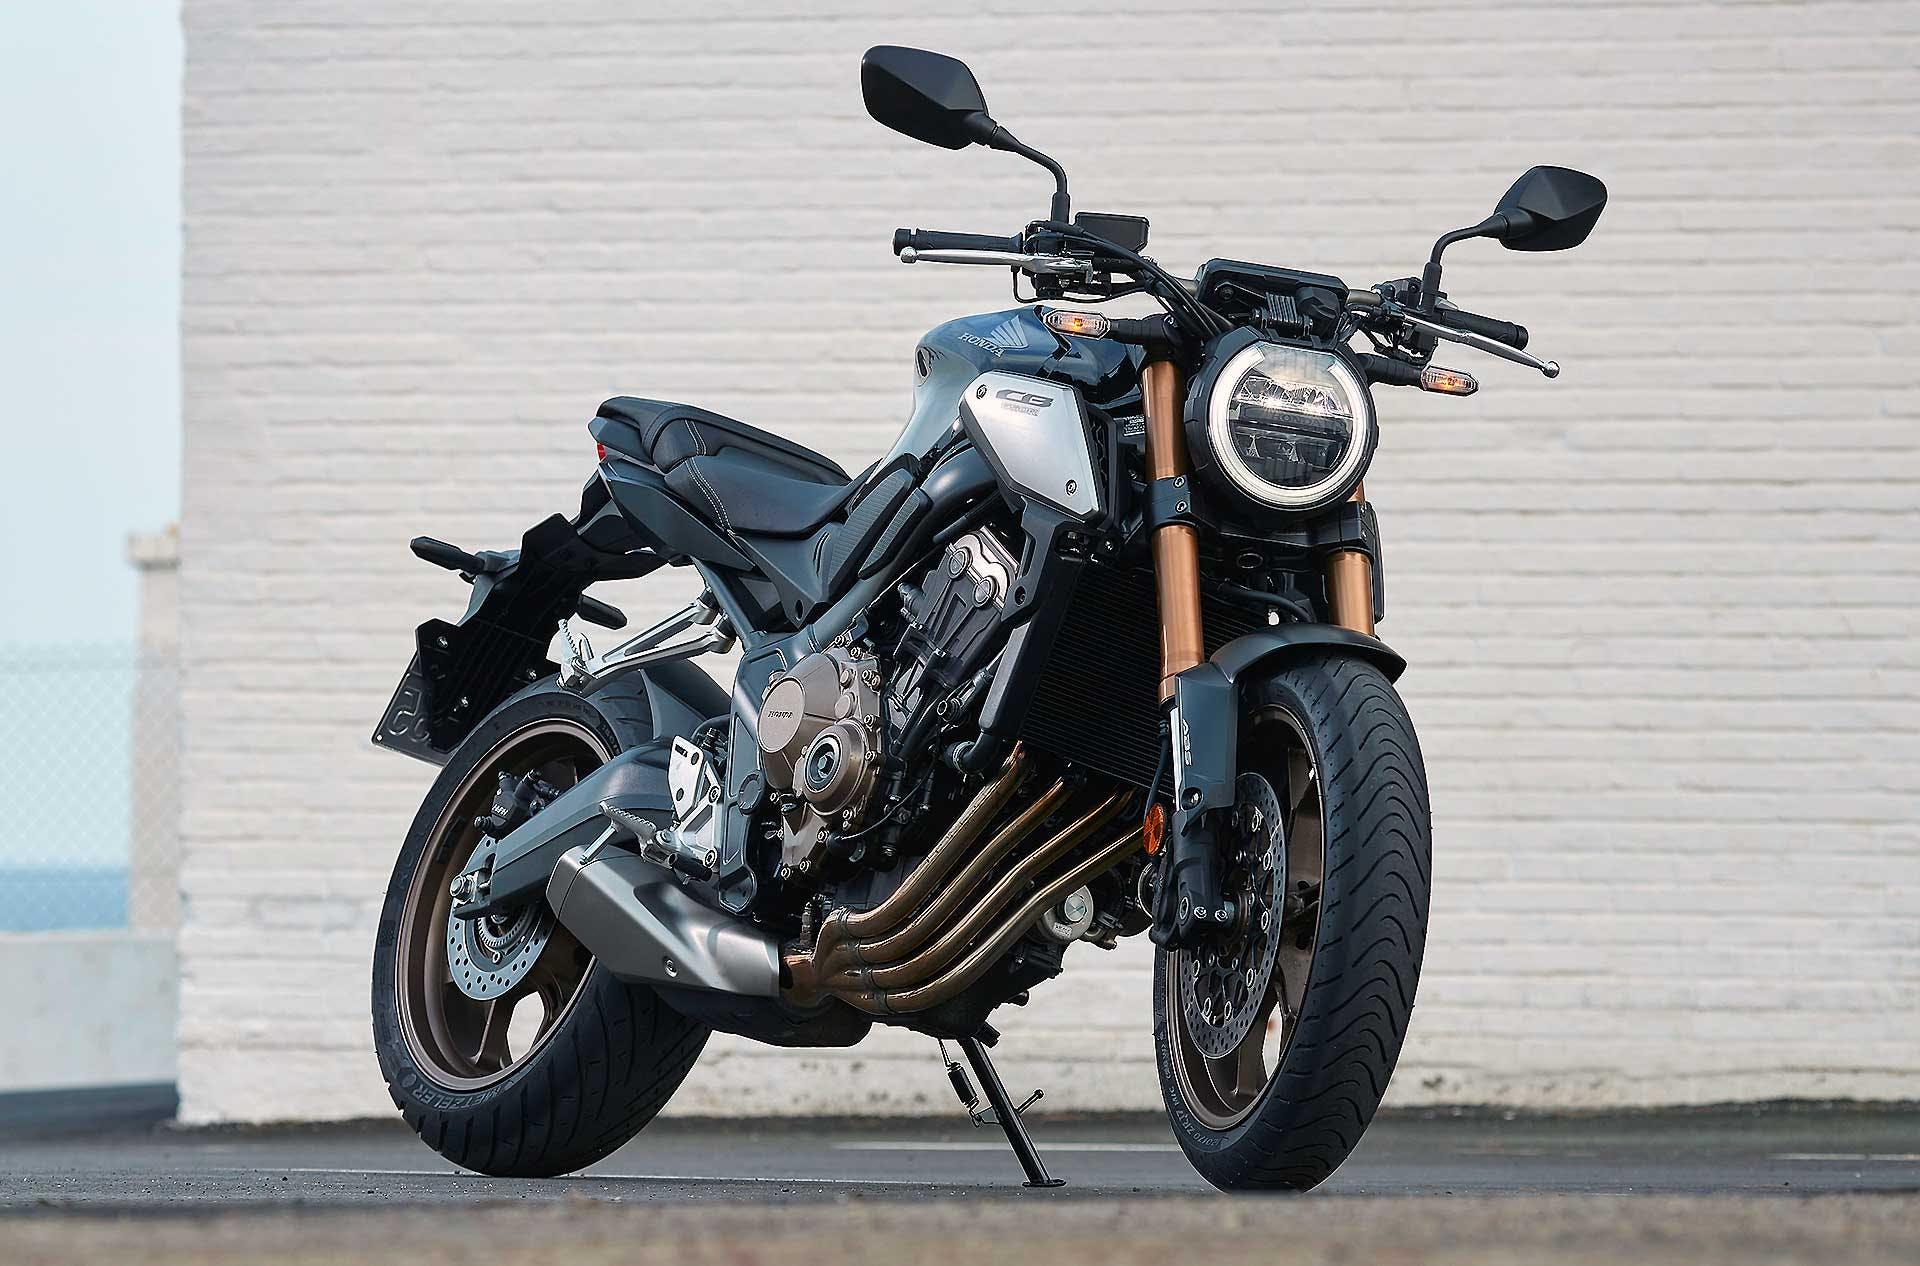 Honda CB650F 2019 statica moto per neopatentati A2